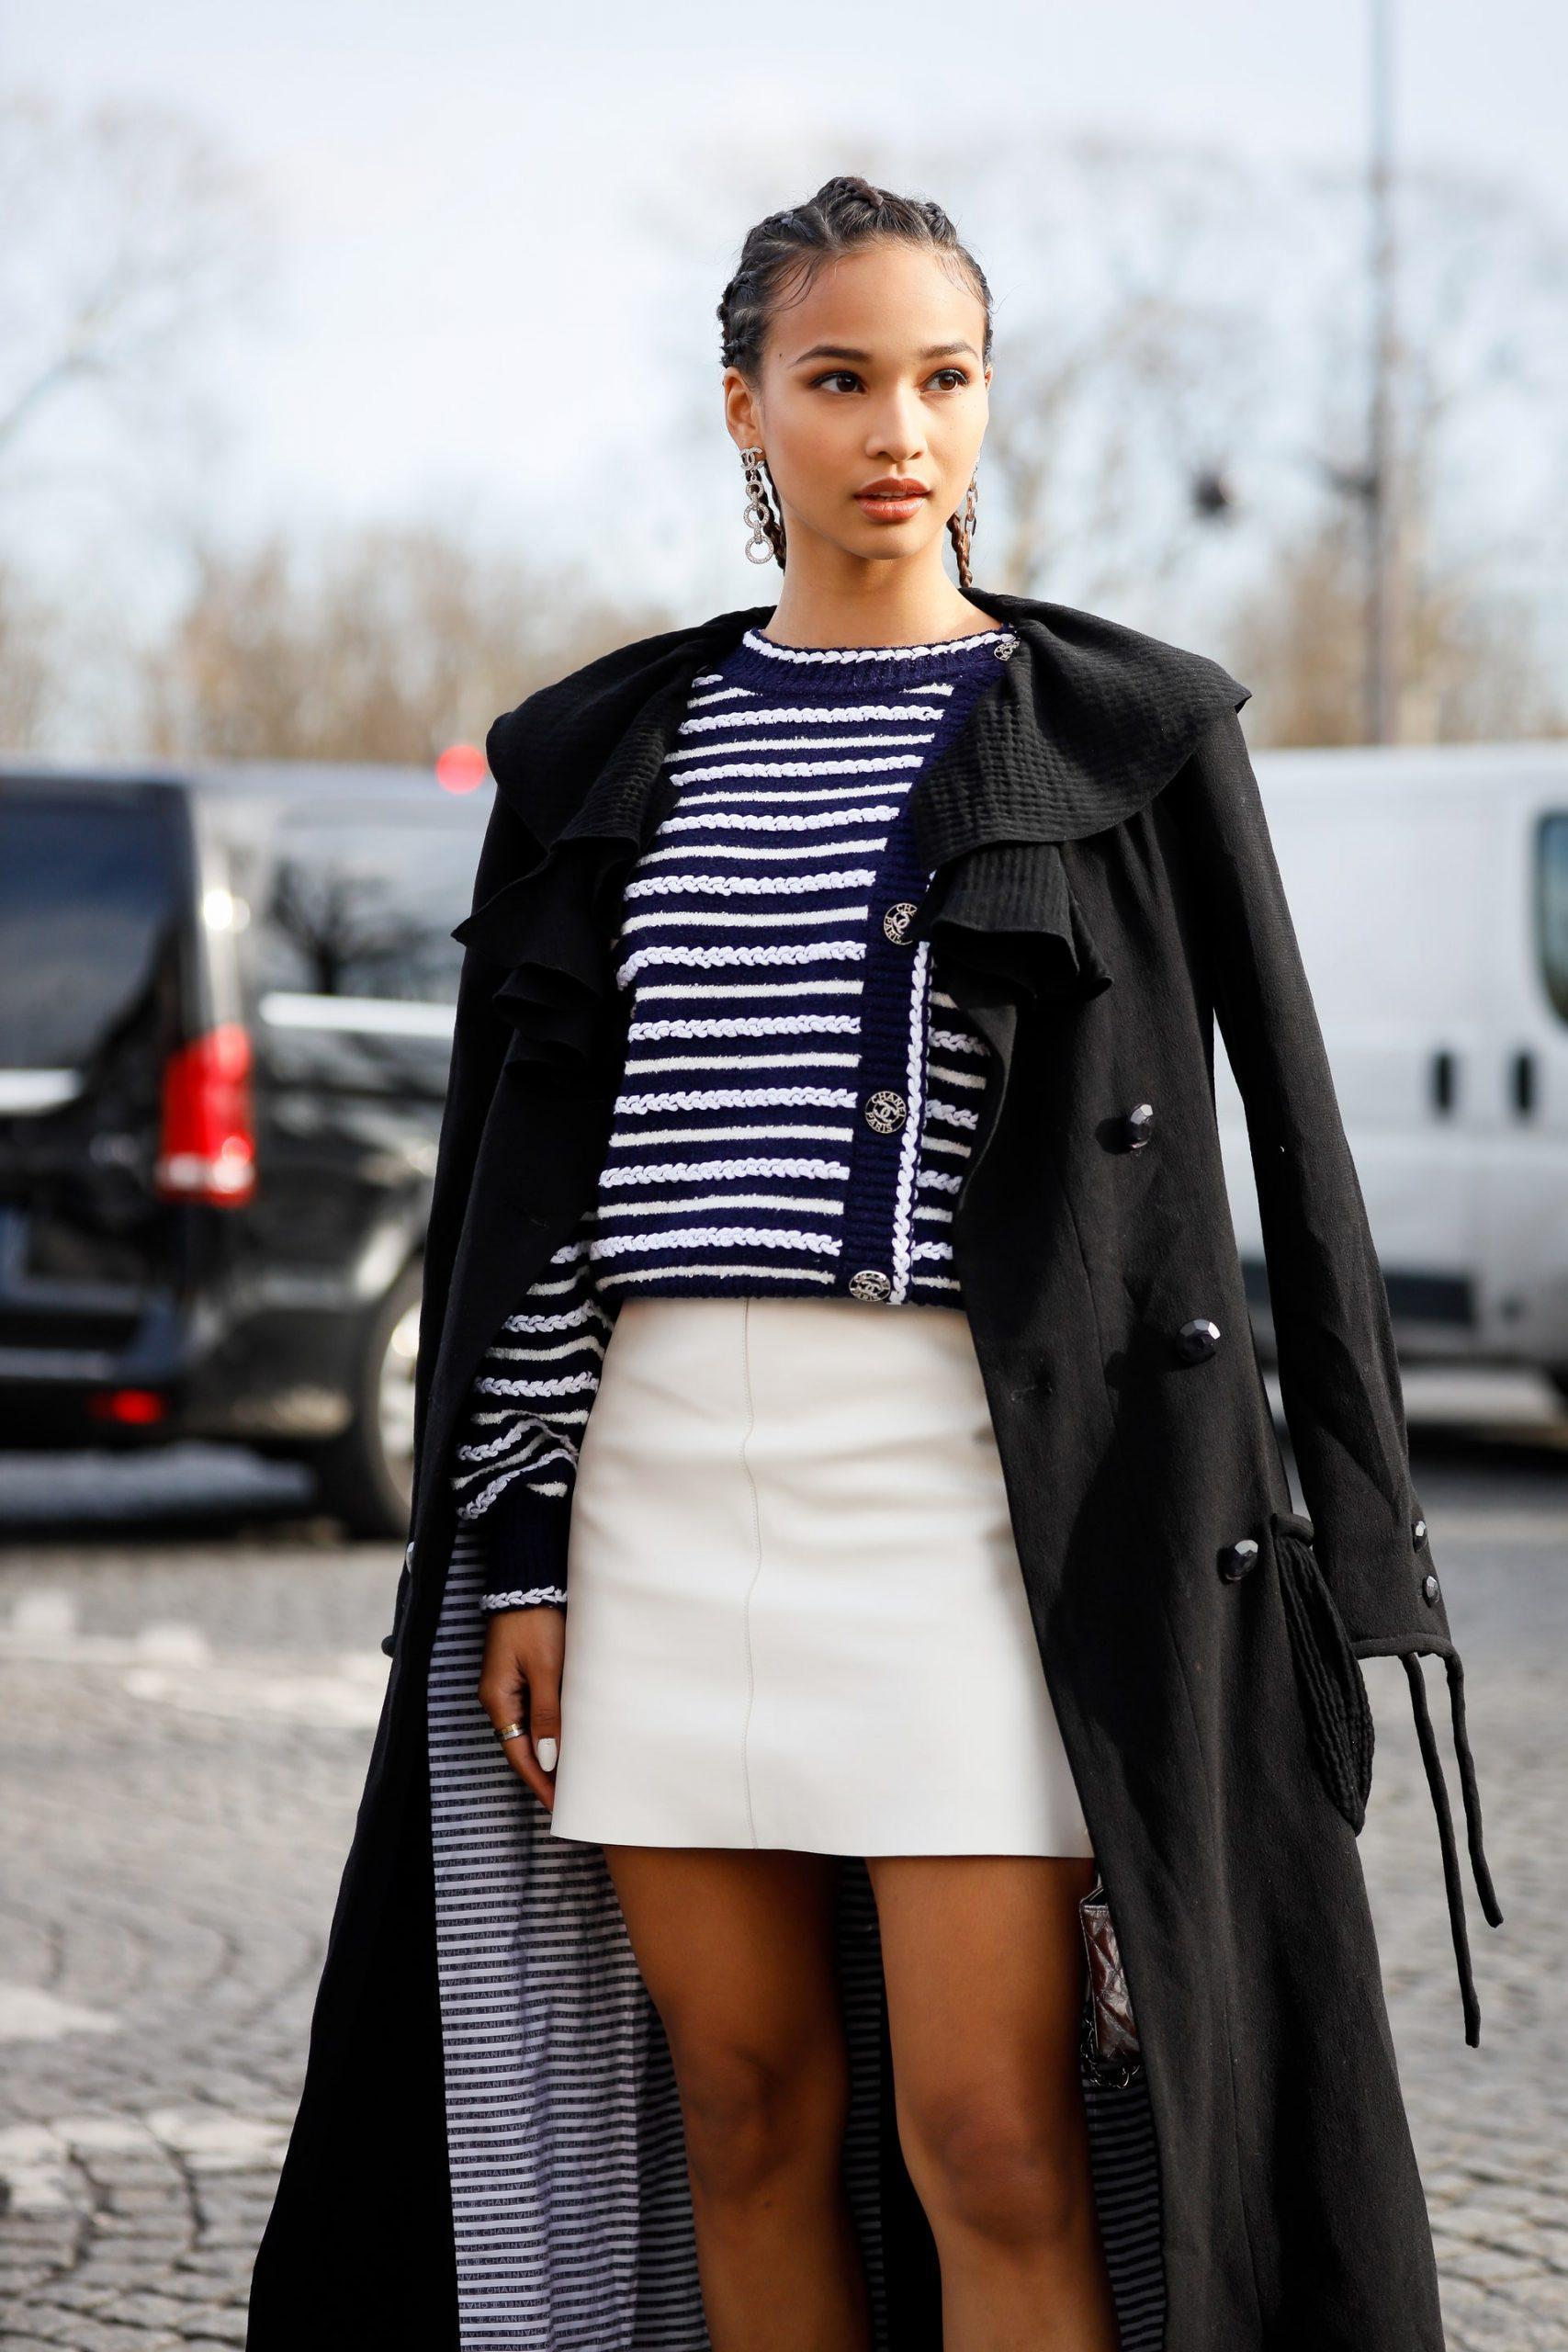 πουλόβερ_με_sailor stripes_